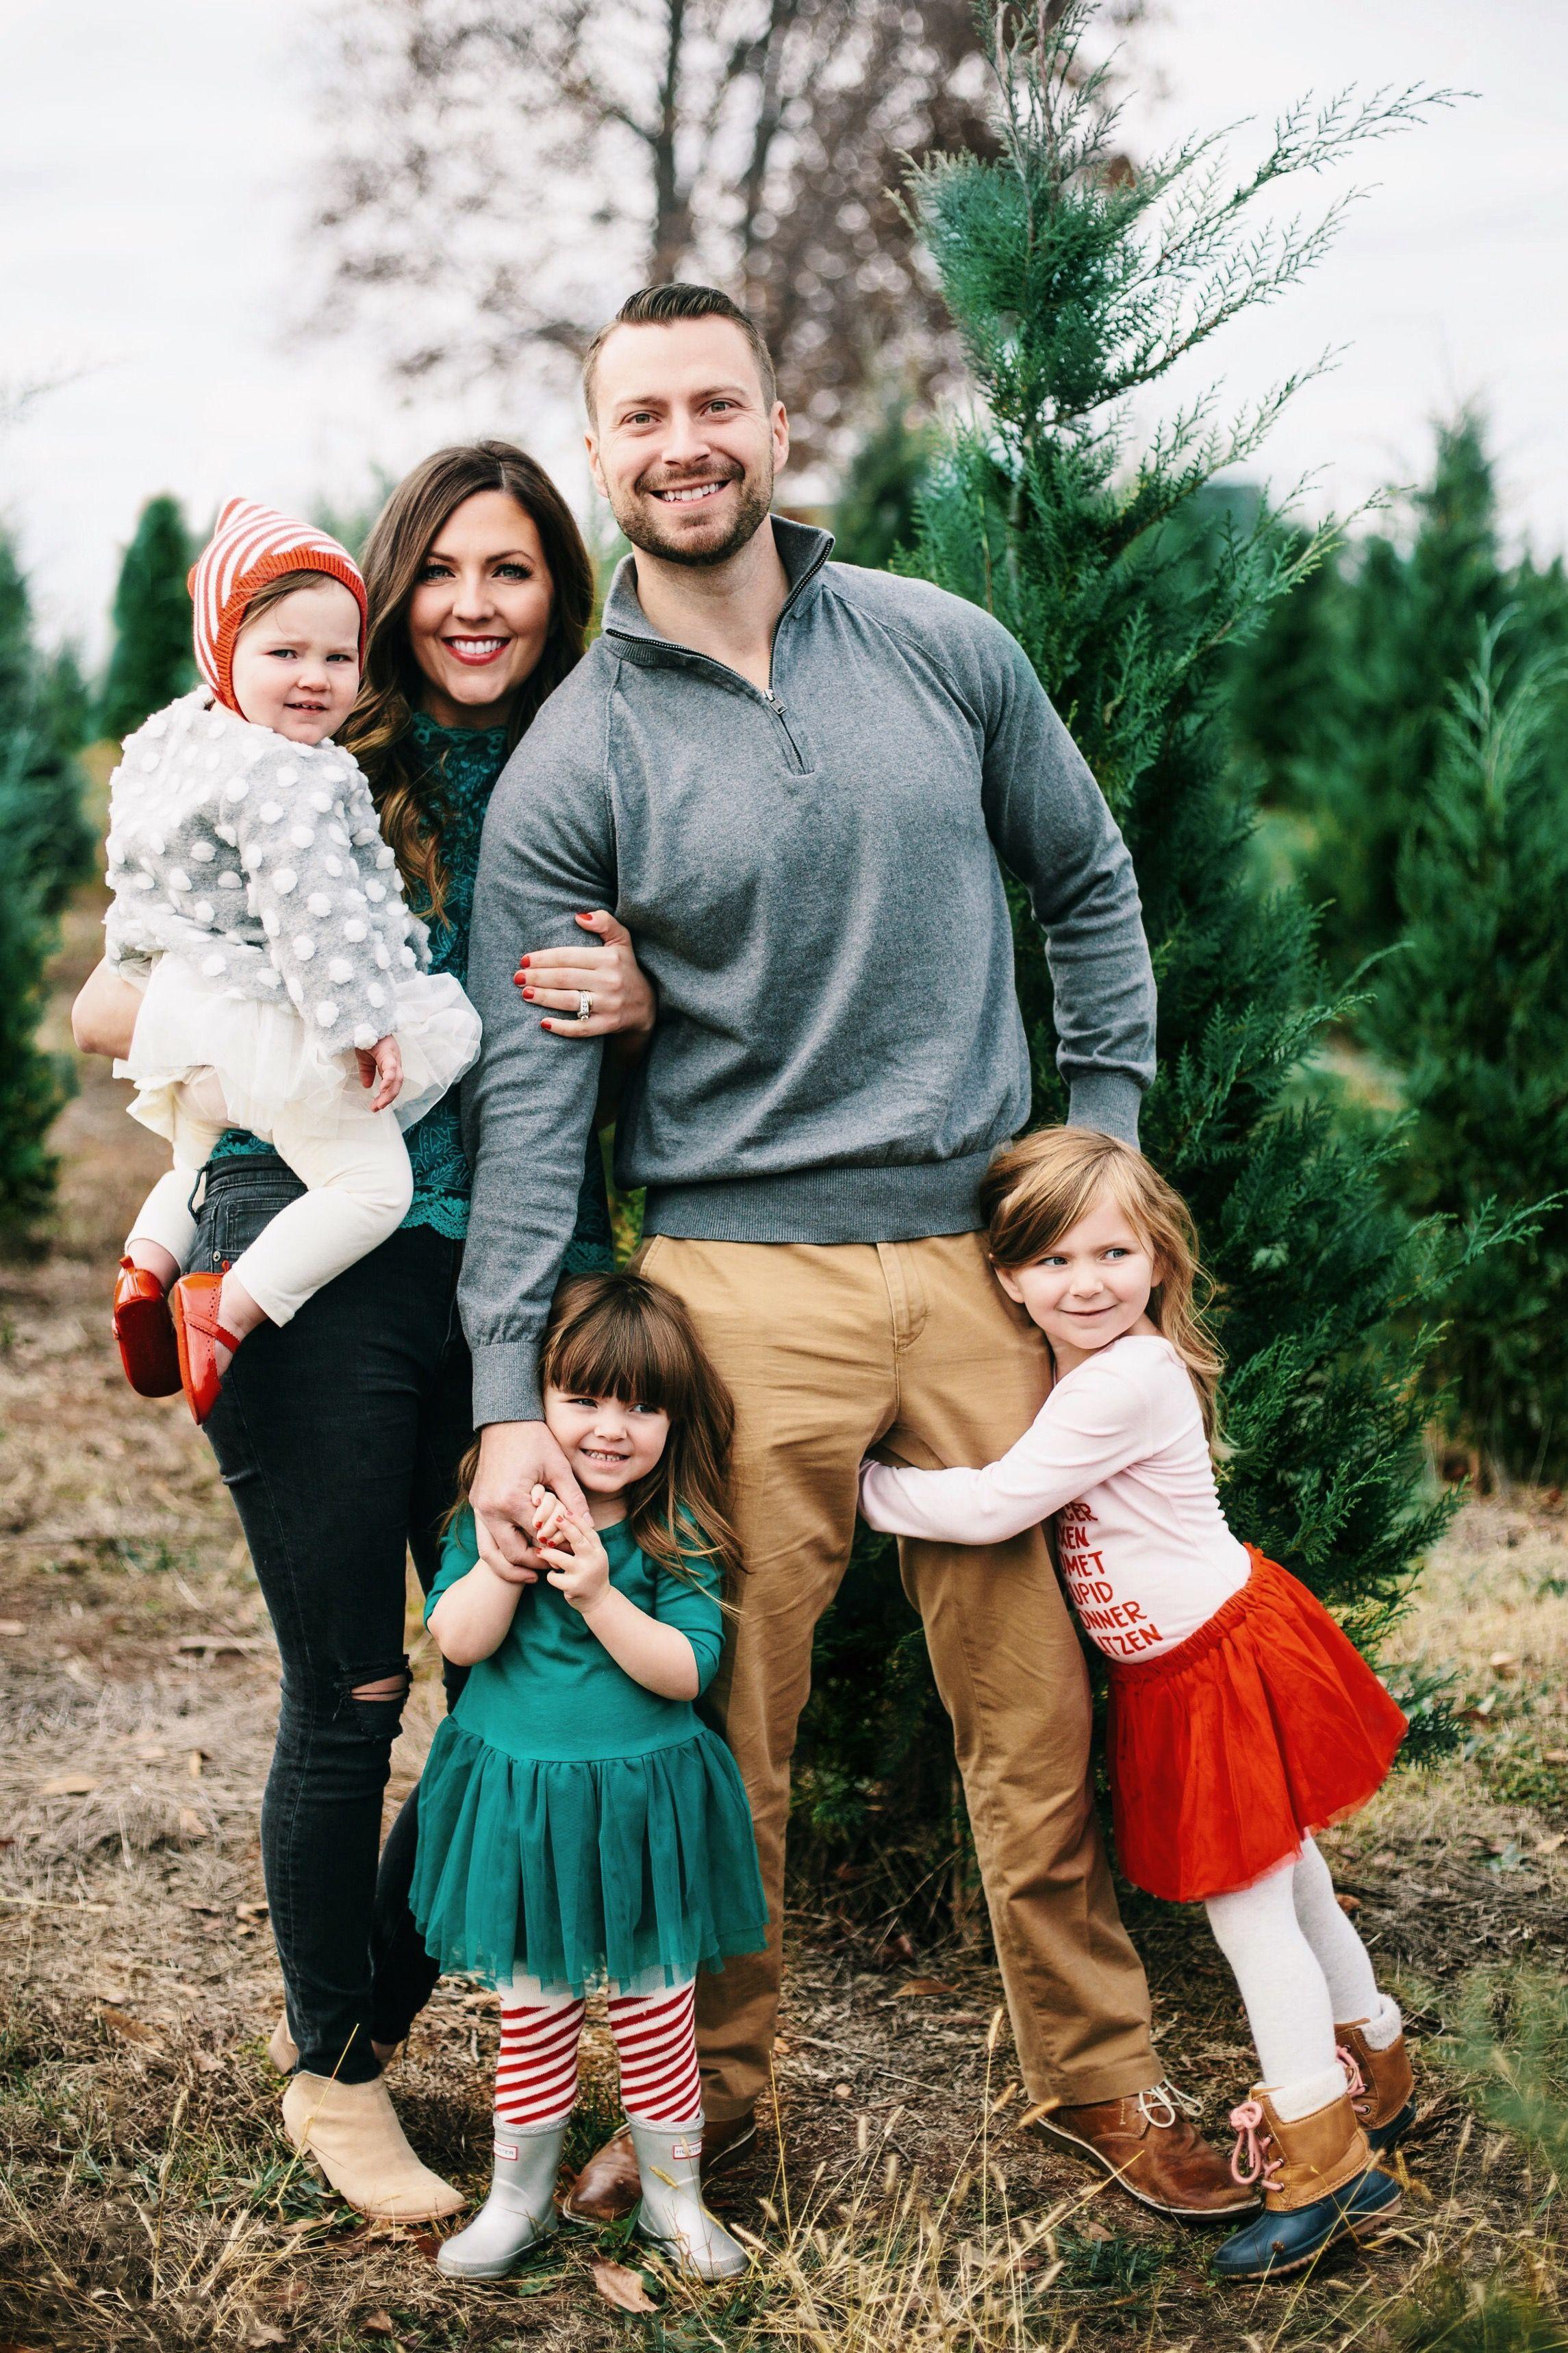 Christmas Tree Farm Photos Garvinandco Com Christmas Tree Farm Photos Christmas Tree Farm Photo Shoot Christmas Tree Farm Pictures